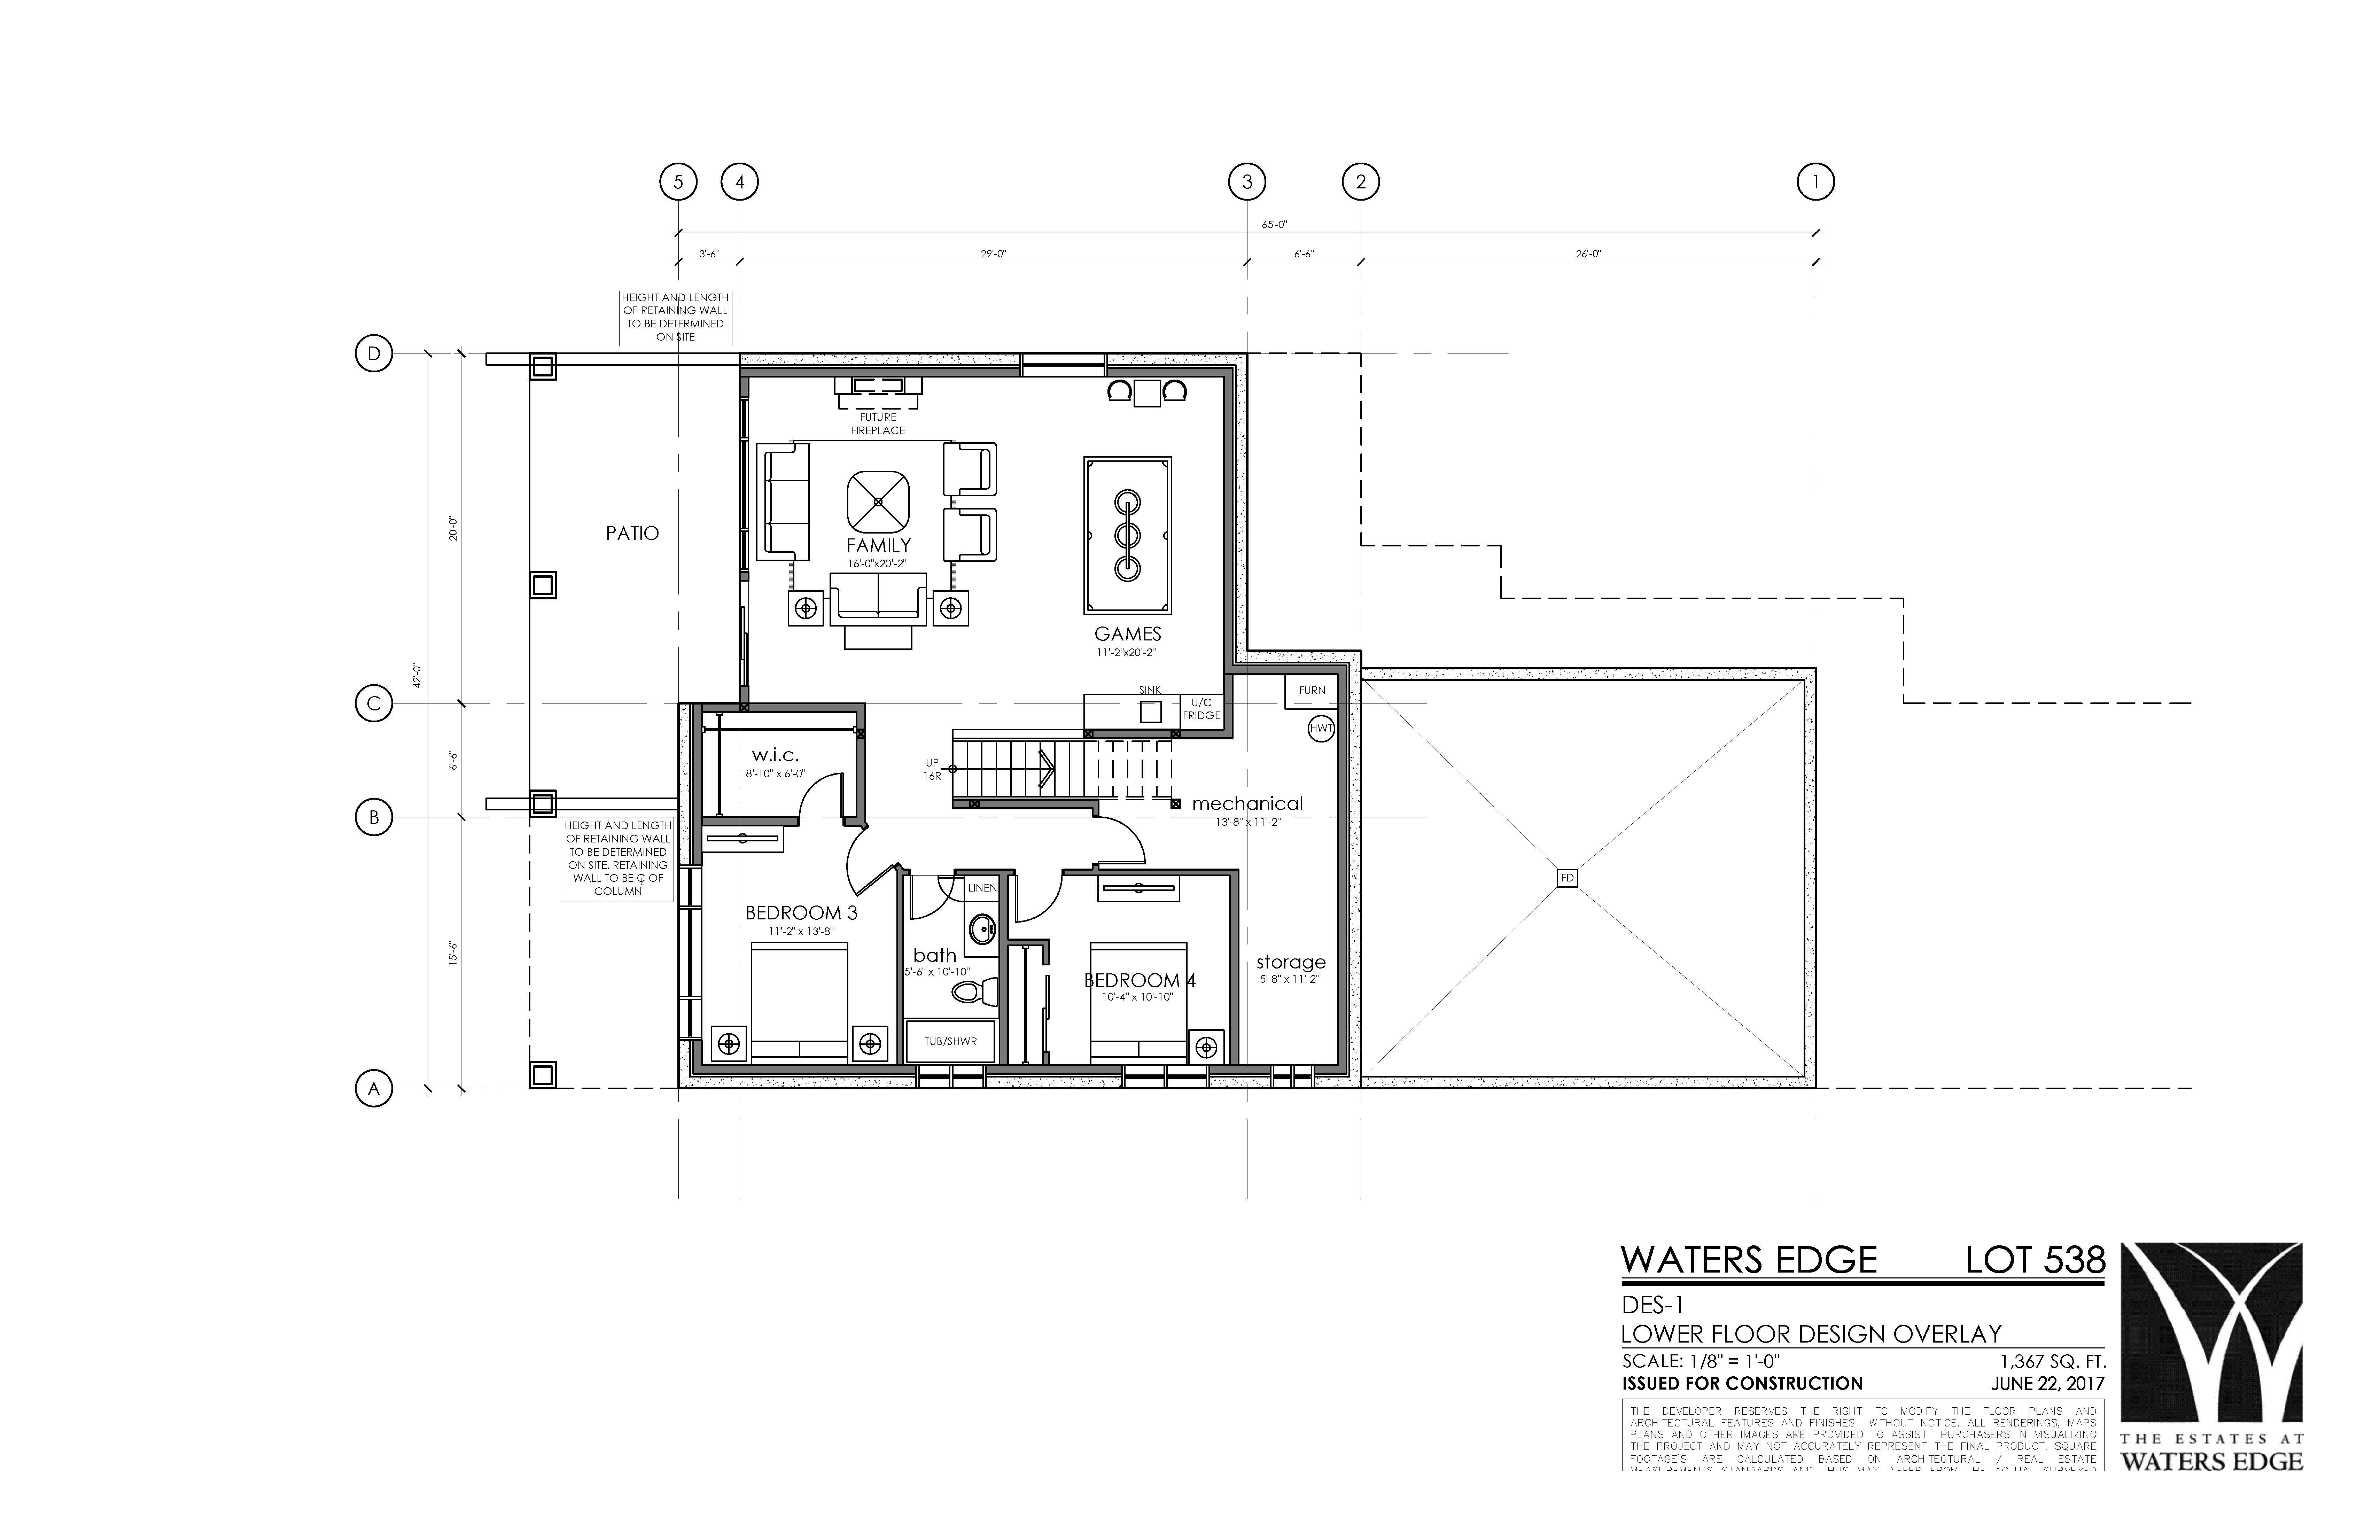 Basement | 1367 sq ft